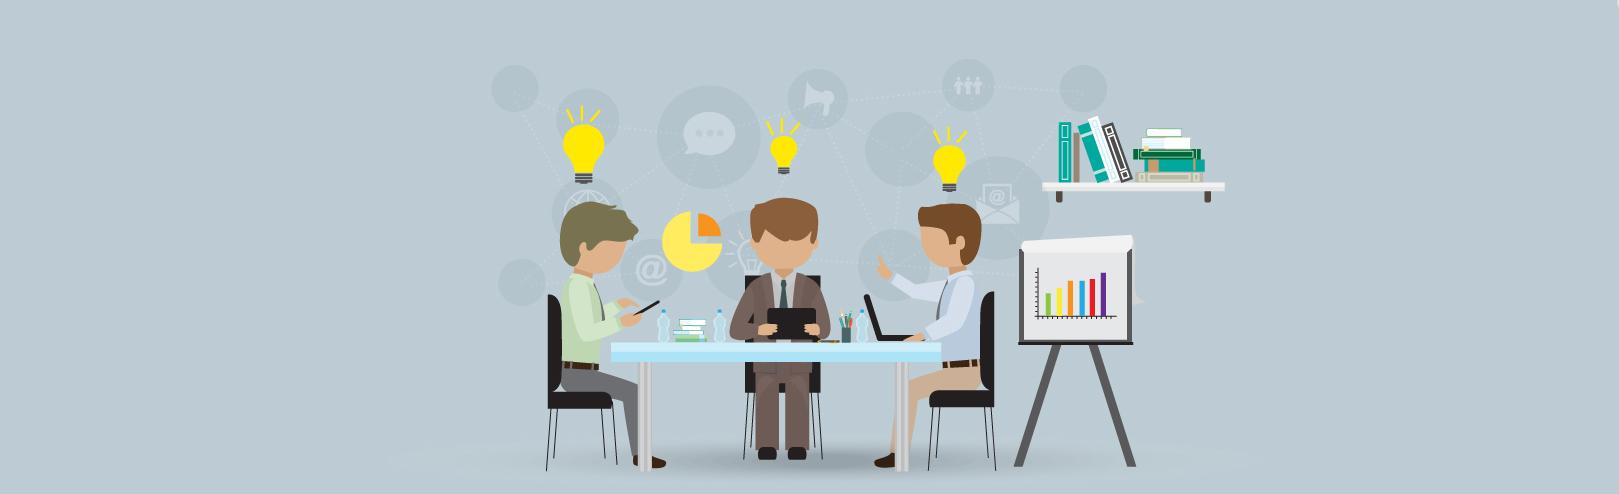 Como funciona a gestão de ativos digitais